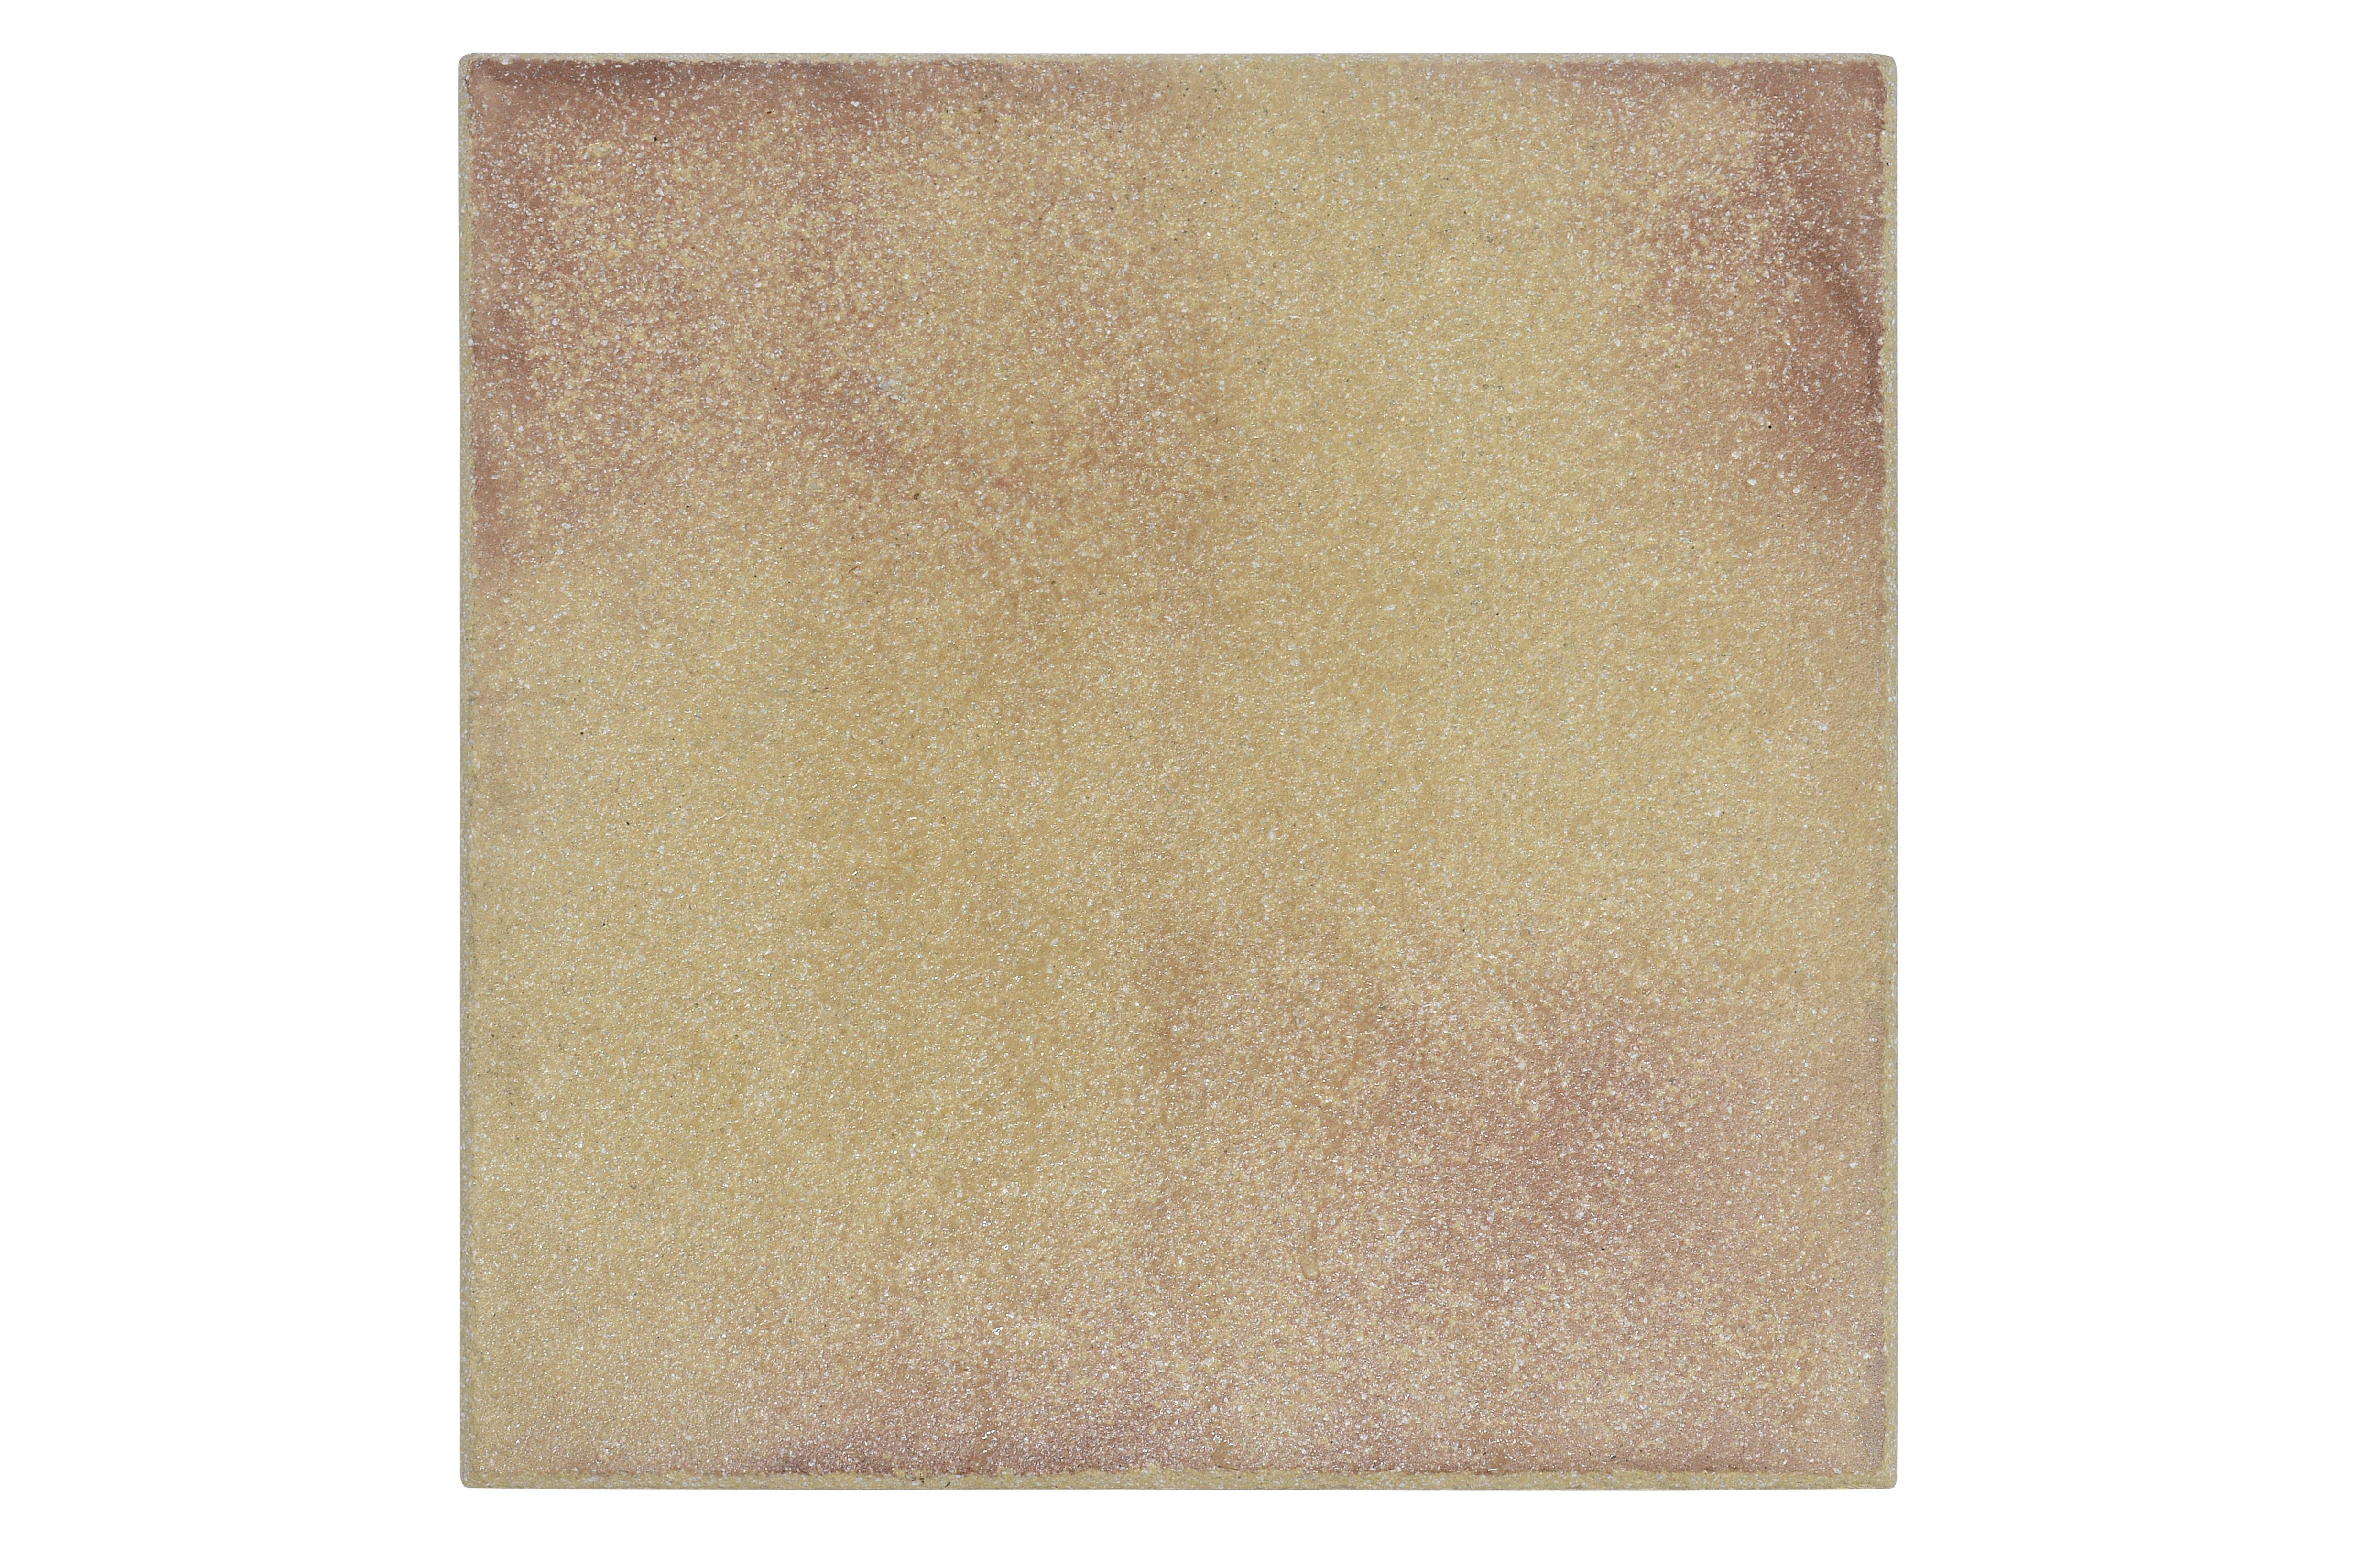 Kemmler Terrassenplatte 400x400x38 Mm Terracotta Www Kemmler De